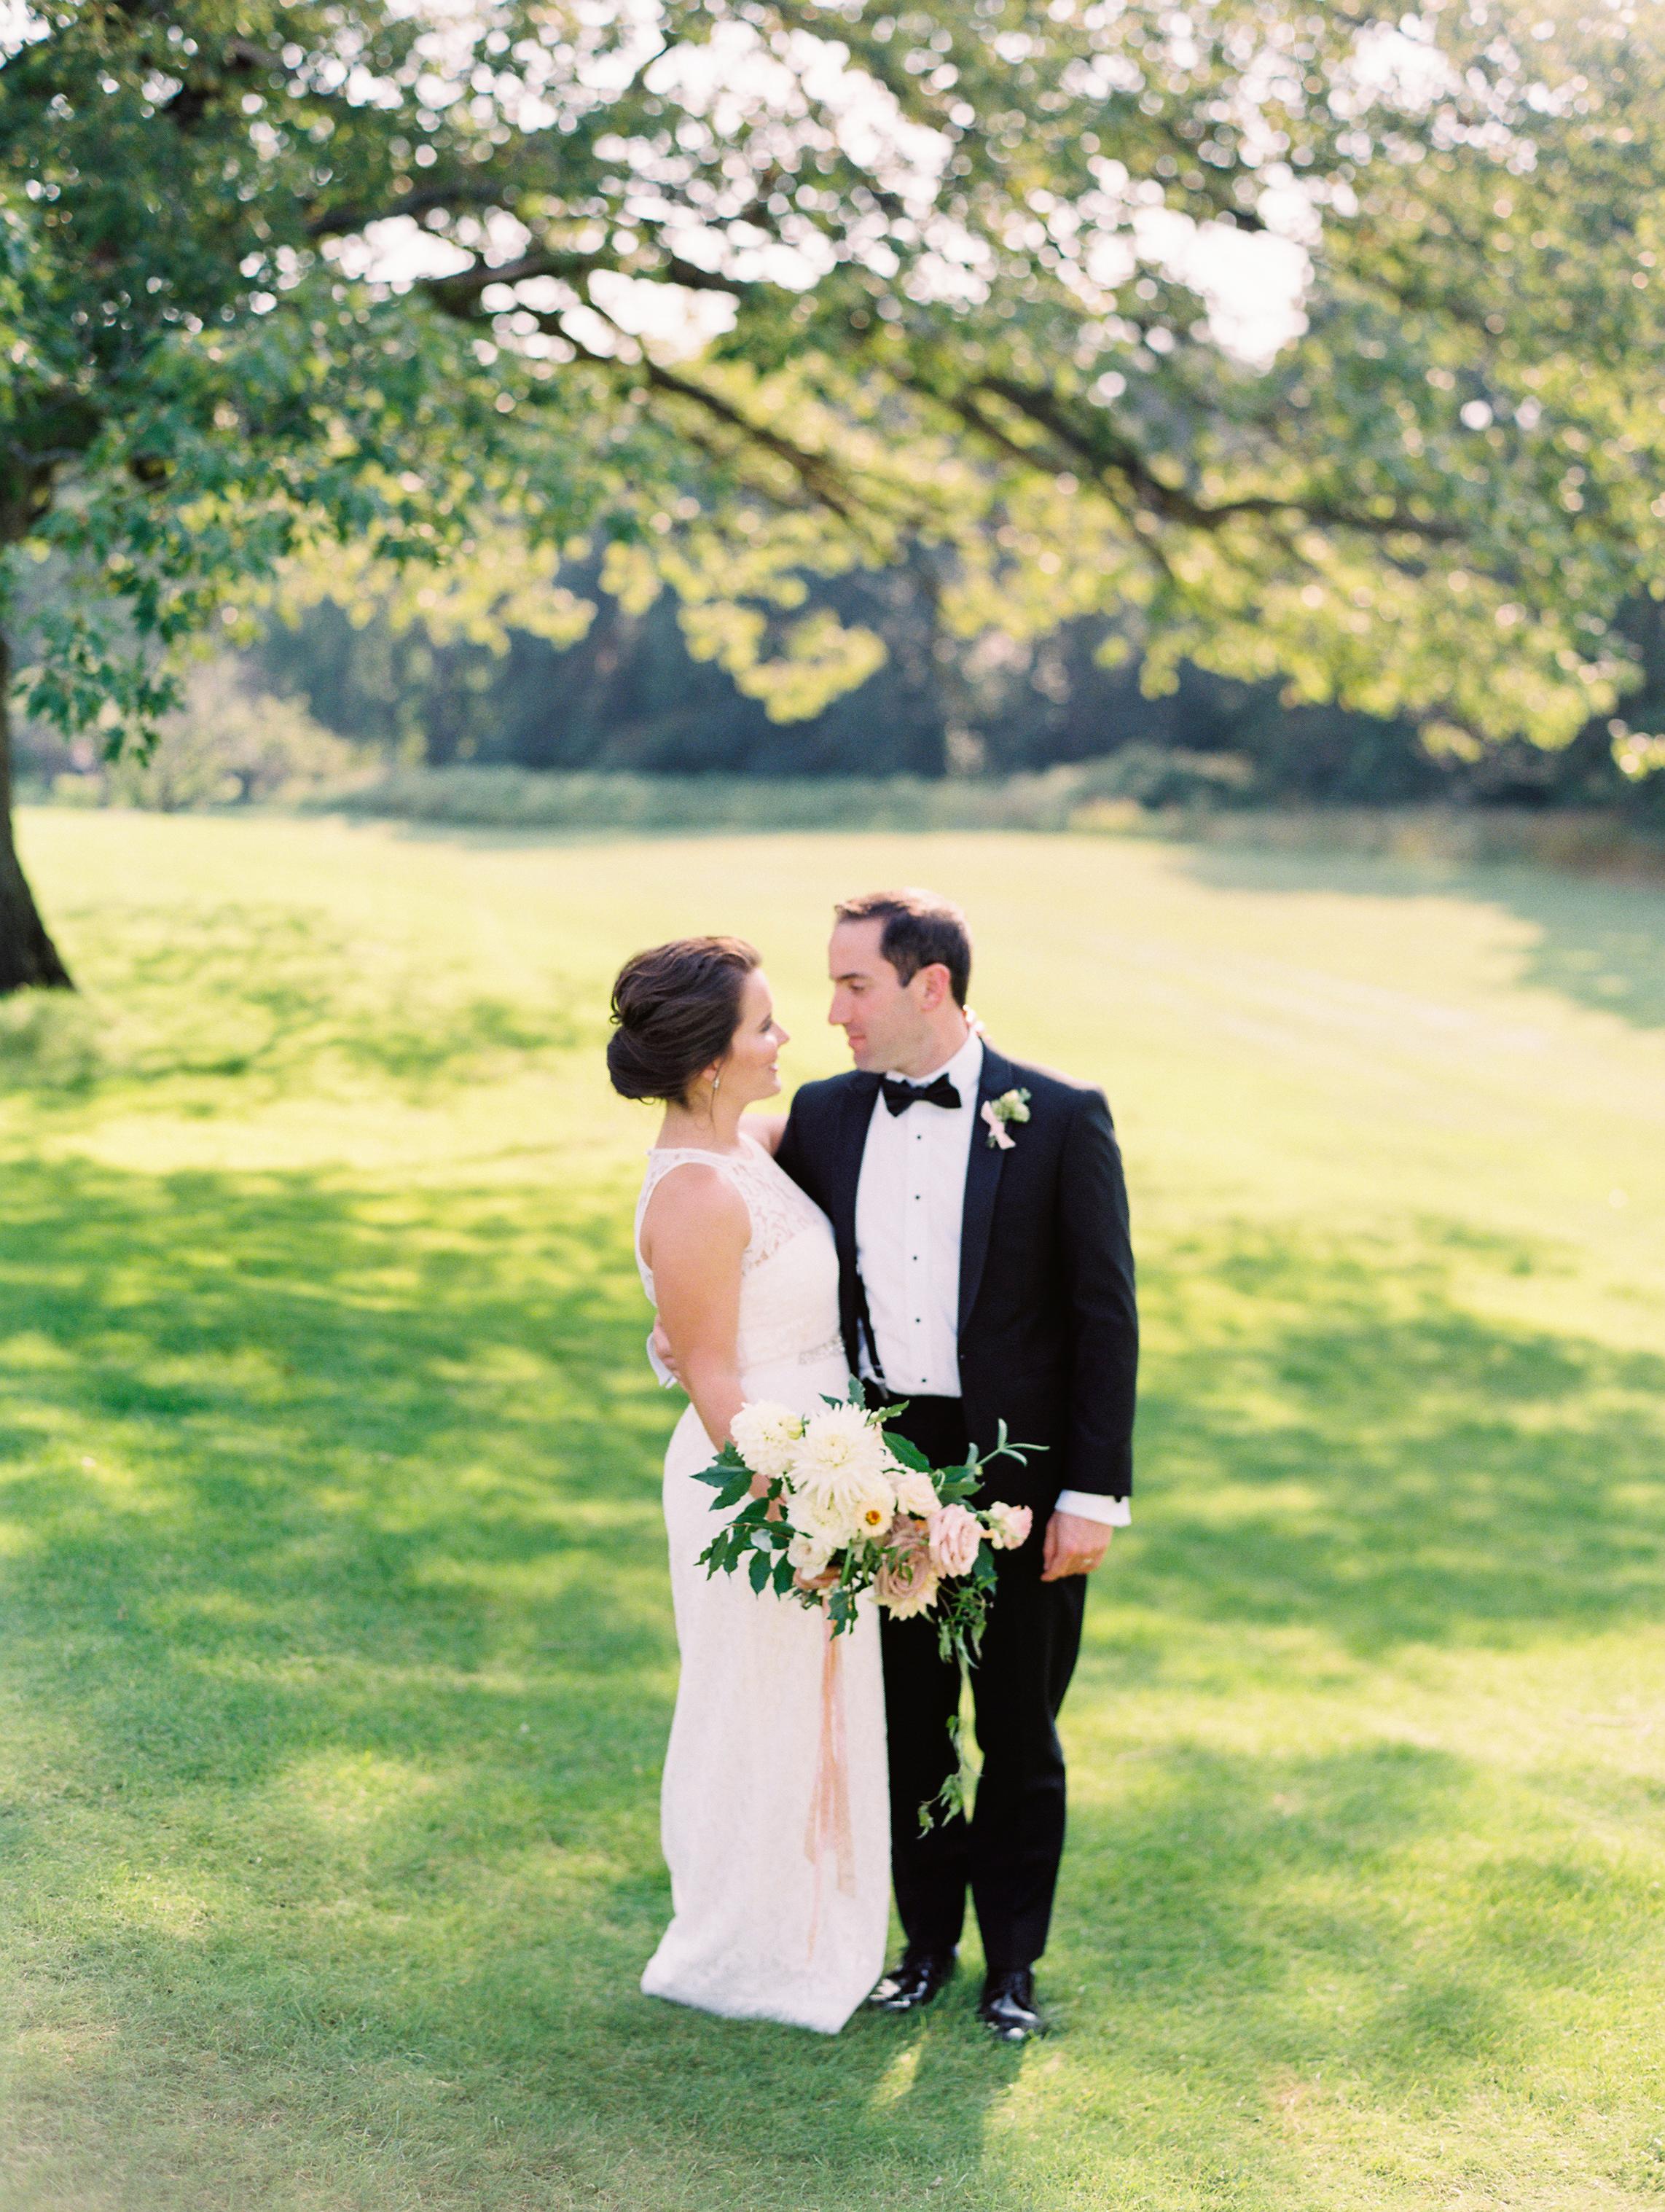 Zoller+Wedding+First+Look-31.jpg